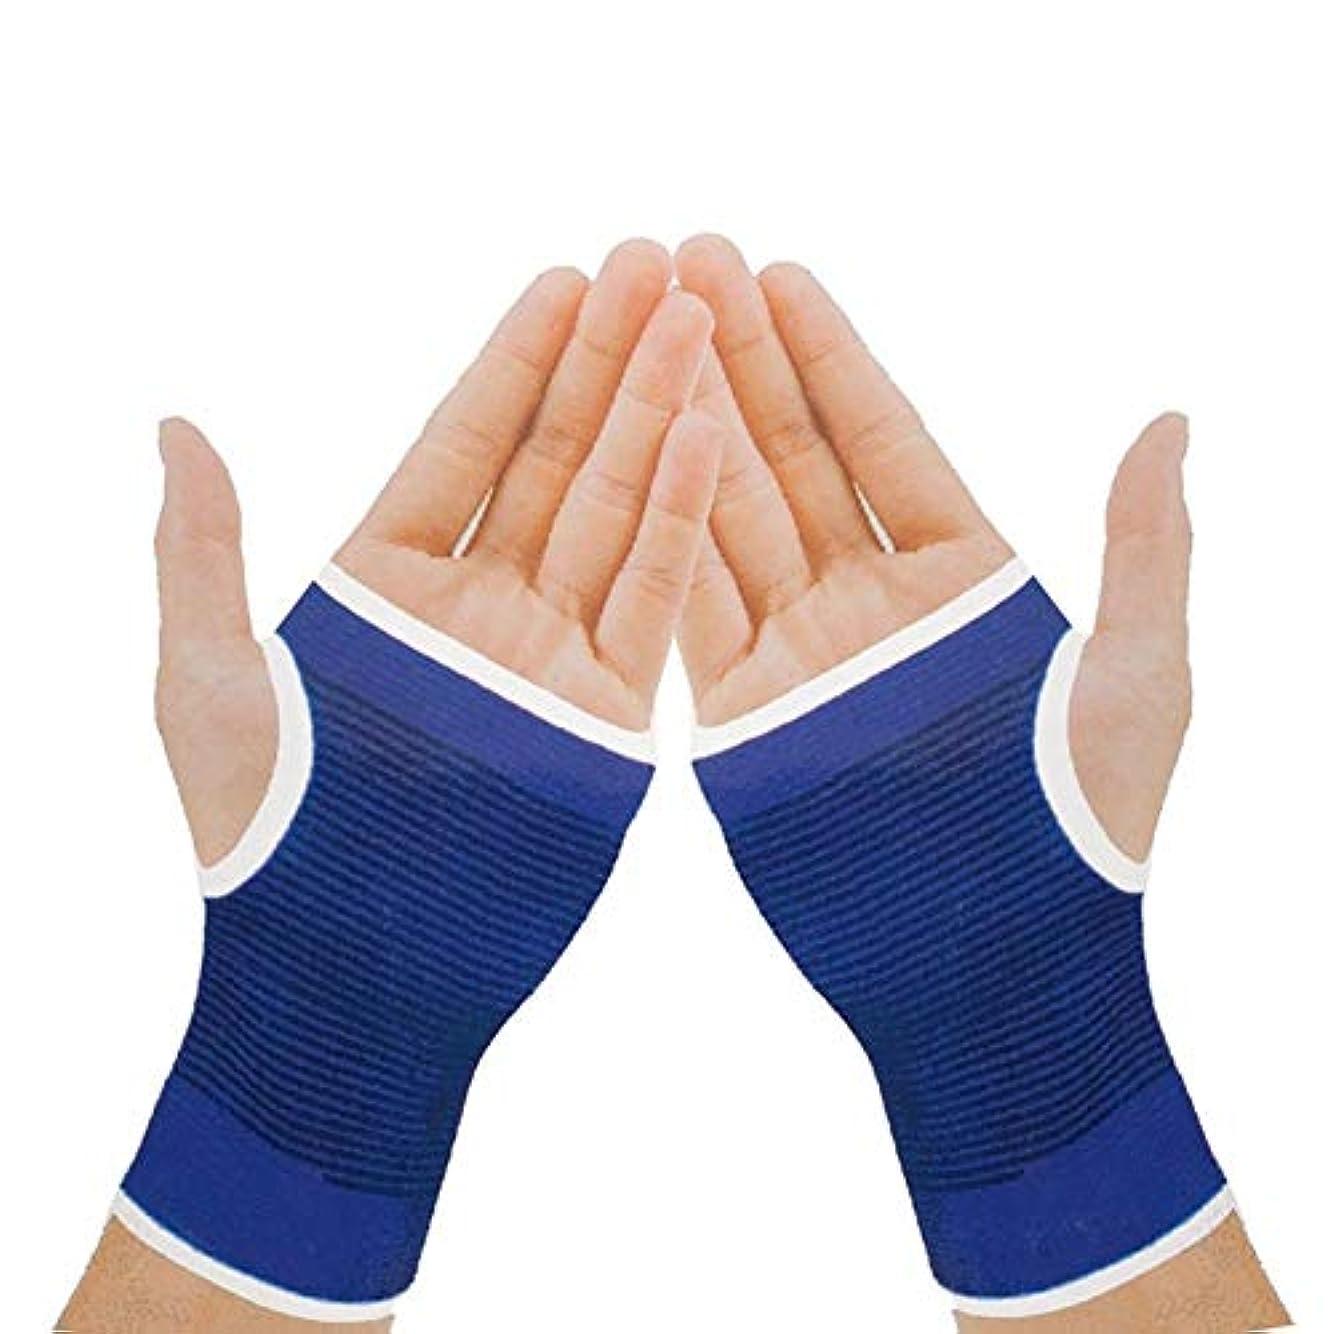 回転呪われたテレビを見る弾性手首ハンドブレース手首グローブパーム手首ハンドサポート手袋ブレーススリーブ包帯ラップの痛みを軽減する関節の痛みジムスポーツサポート1ペア